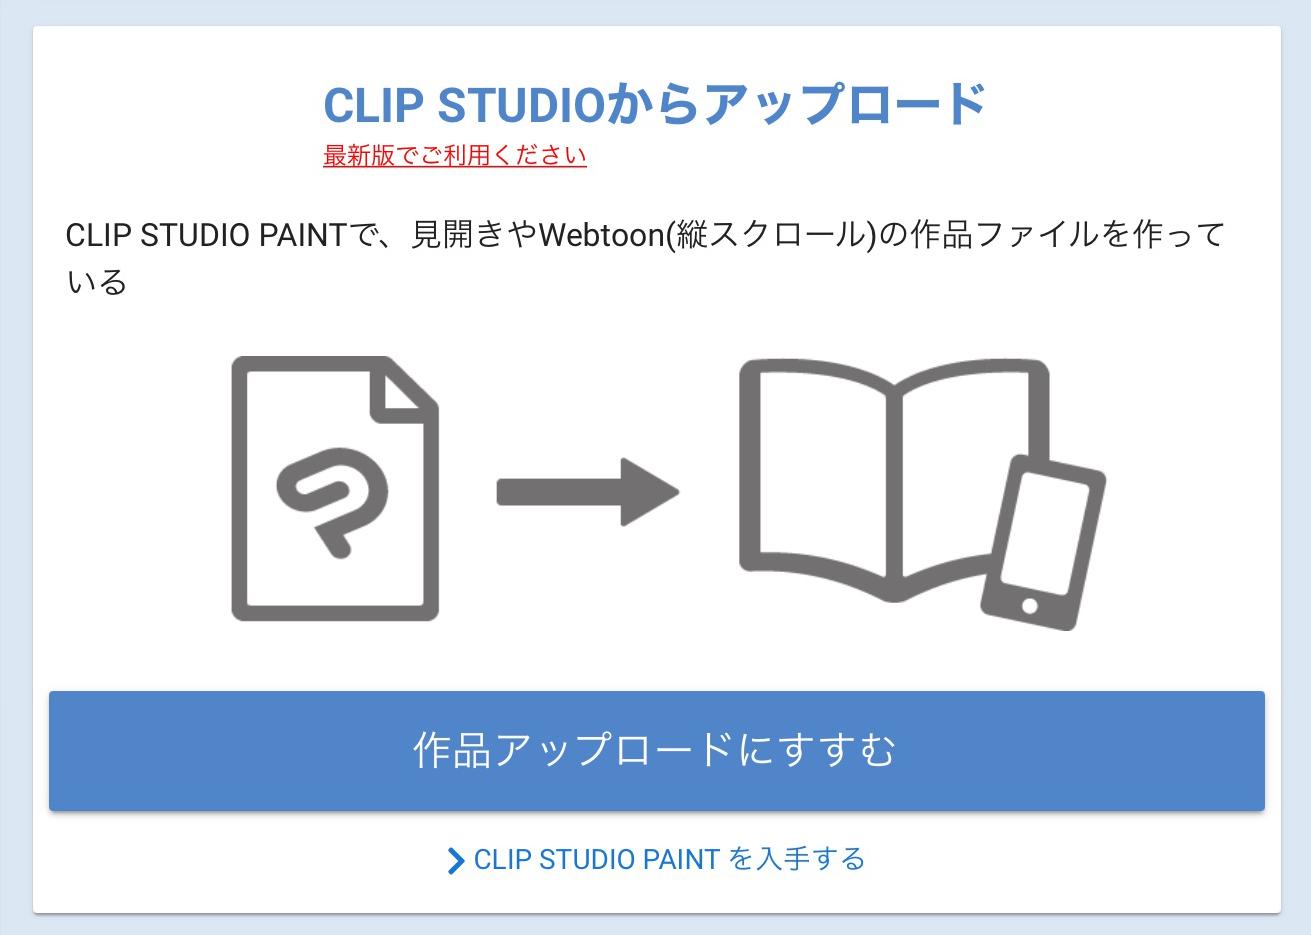 クリップスタジオEXでおきたエラーとエラー解消方法 iPad Pro